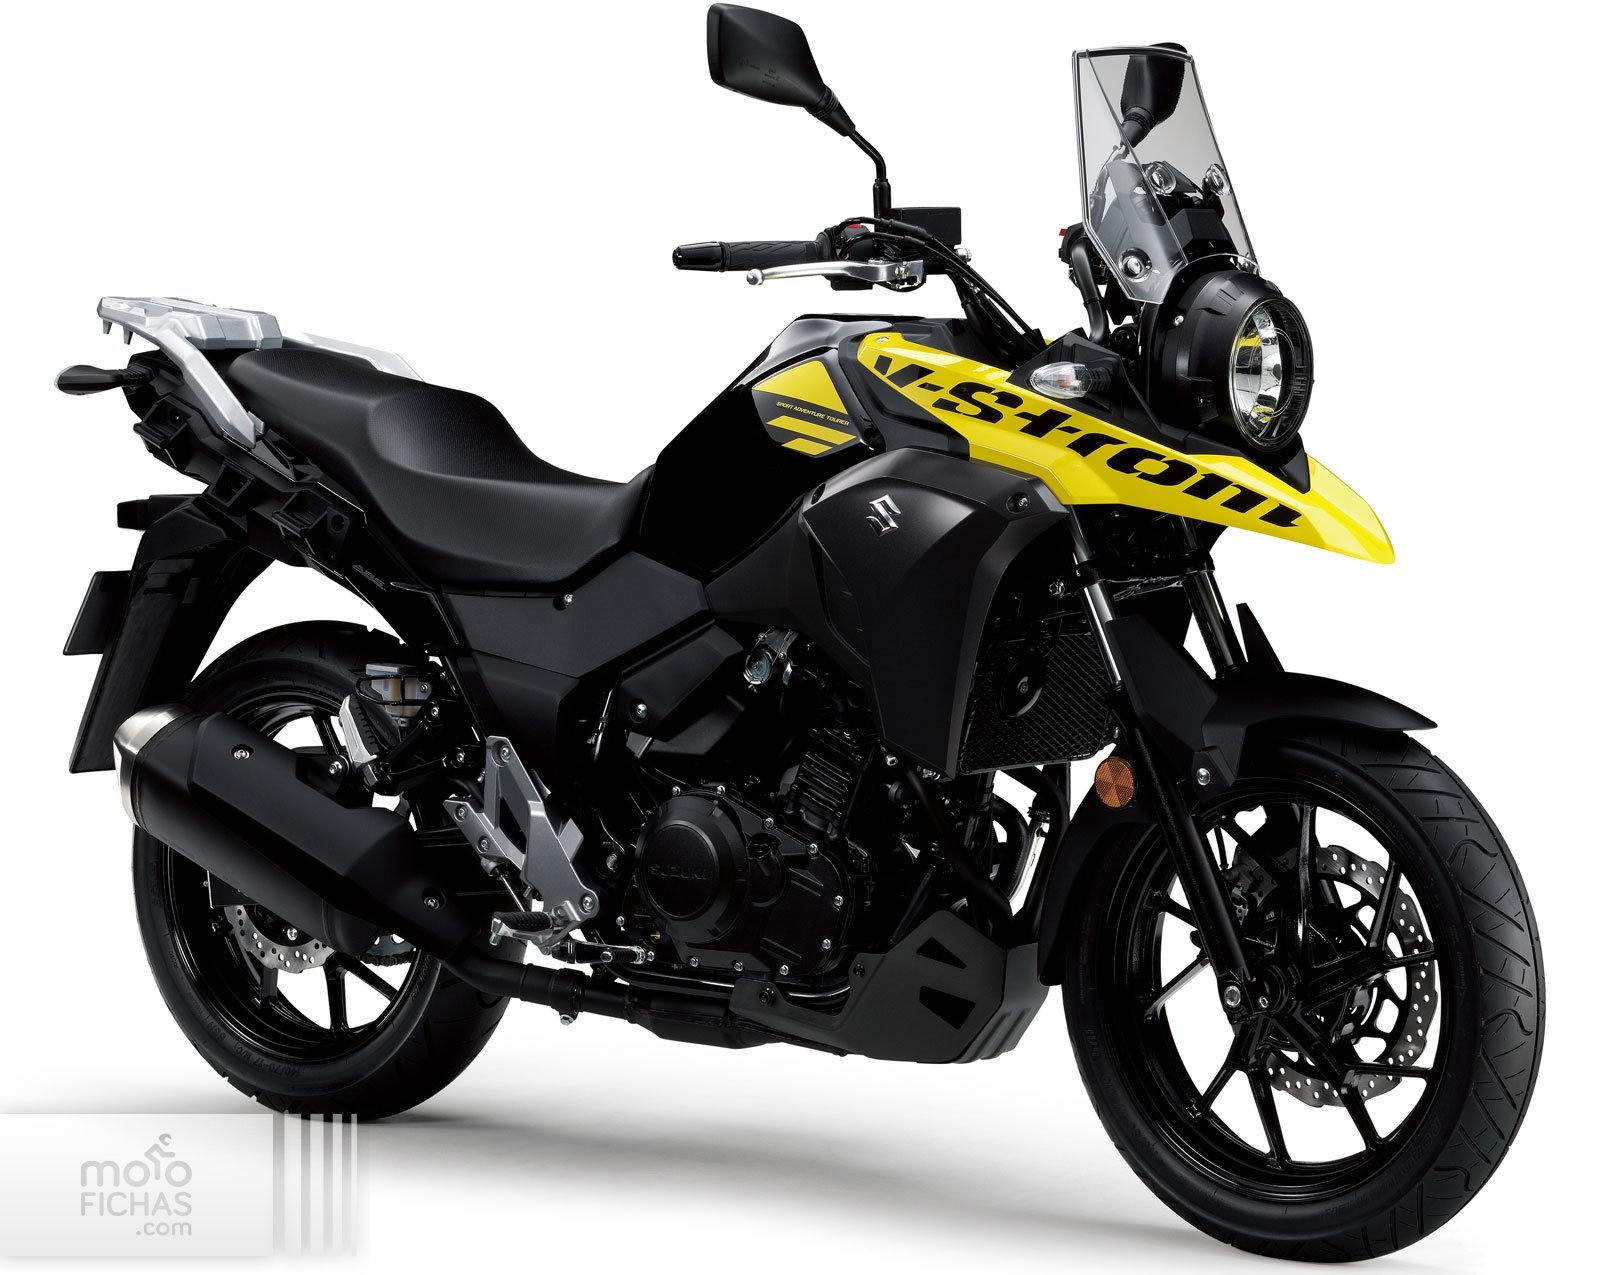 Suzuki V Strom 250 2018 Precio Ficha Opiniones Y Ofertas